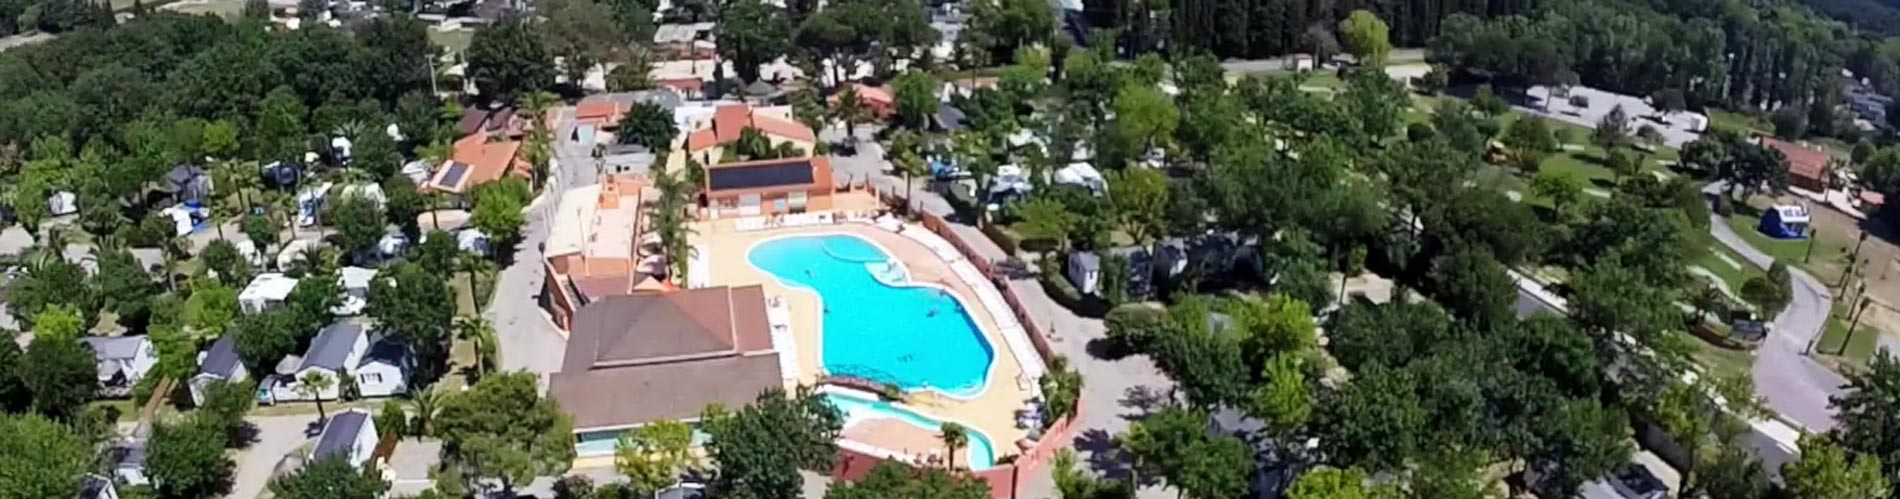 Camping argeles sur mer avec parc aquatique for Camping lac leman avec piscine